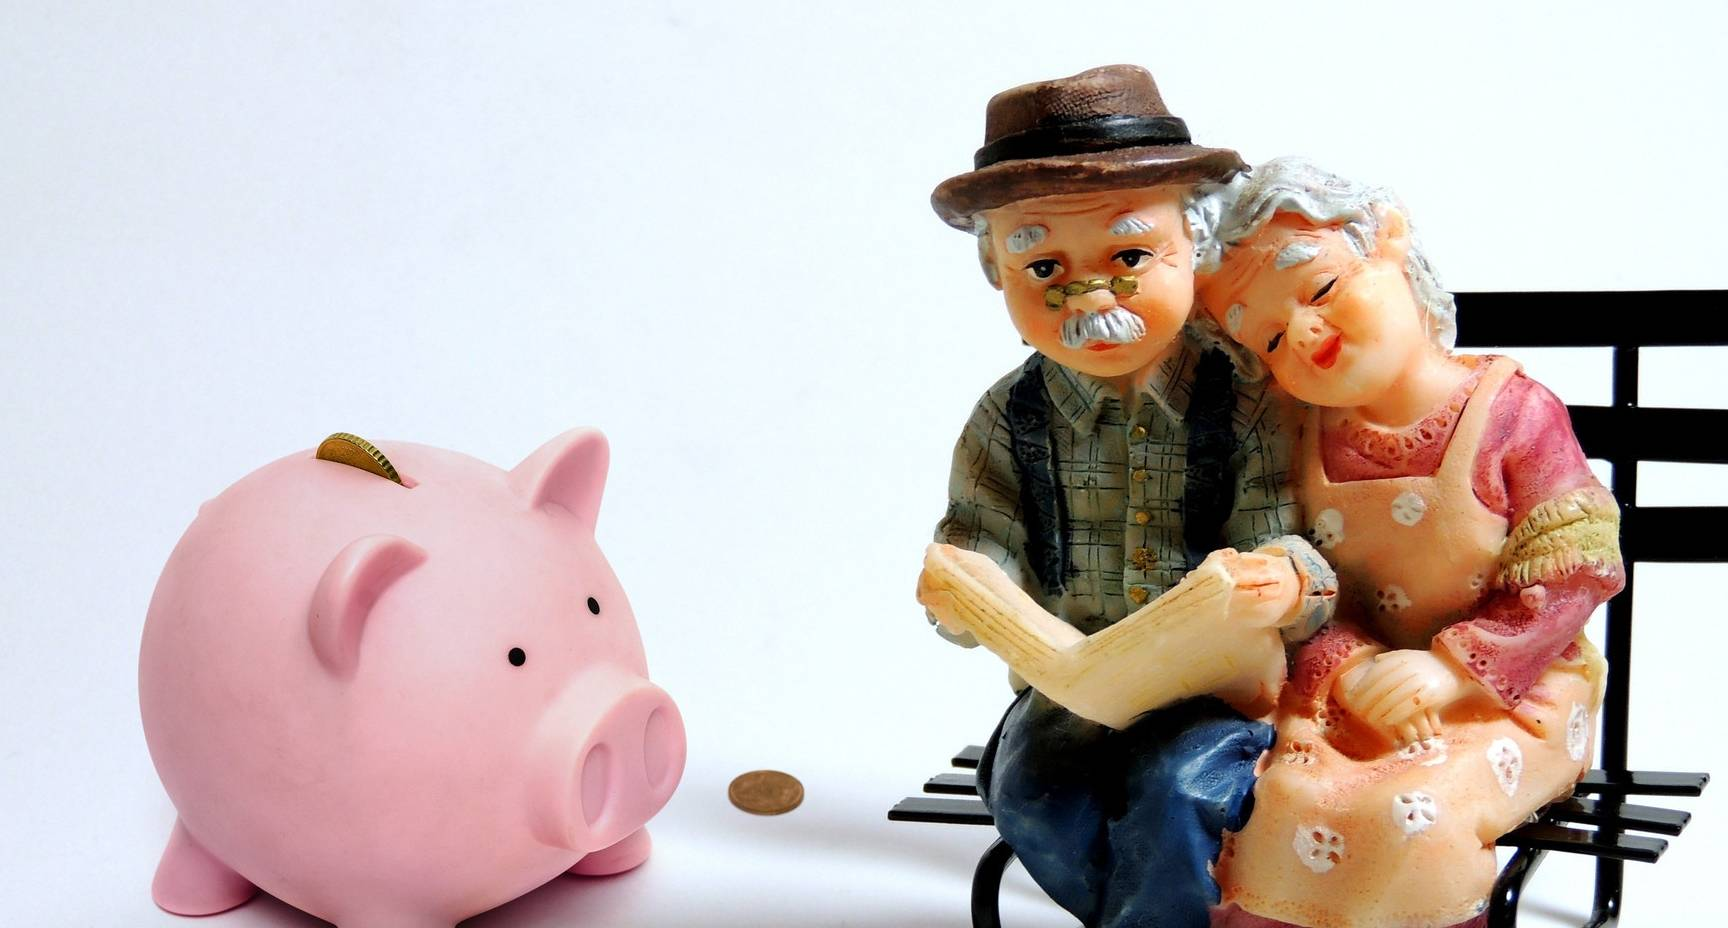 退休人员注意了,除了每月领养老金,记得领一笔钱,转告给家人